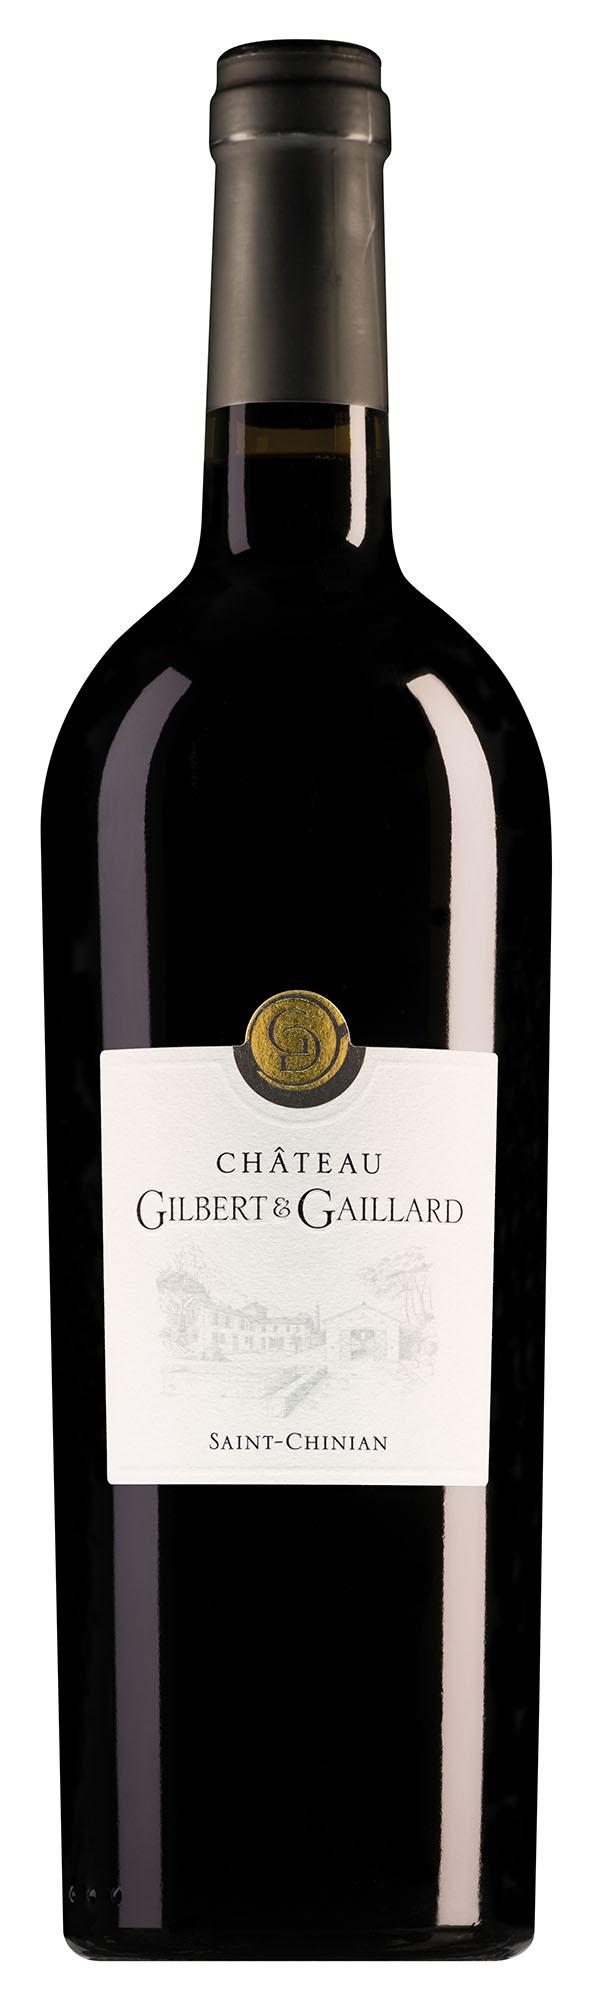 Château Gilbert et Gaillard Saint-Chinian